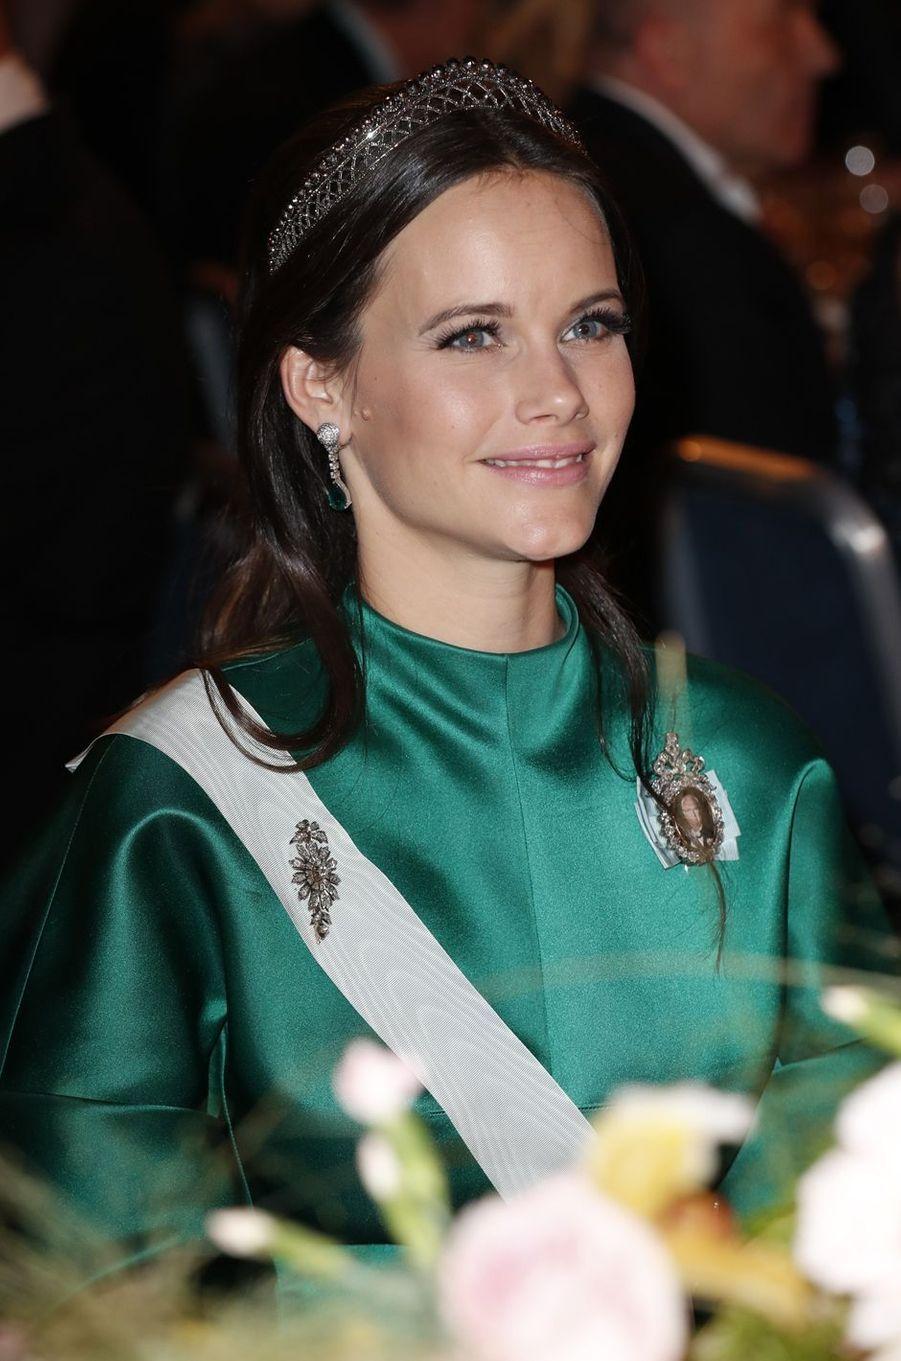 La princesse Sofia de Suède porte un diadème style art déco en acier poli à Stockholm, le 10 décembre 2016